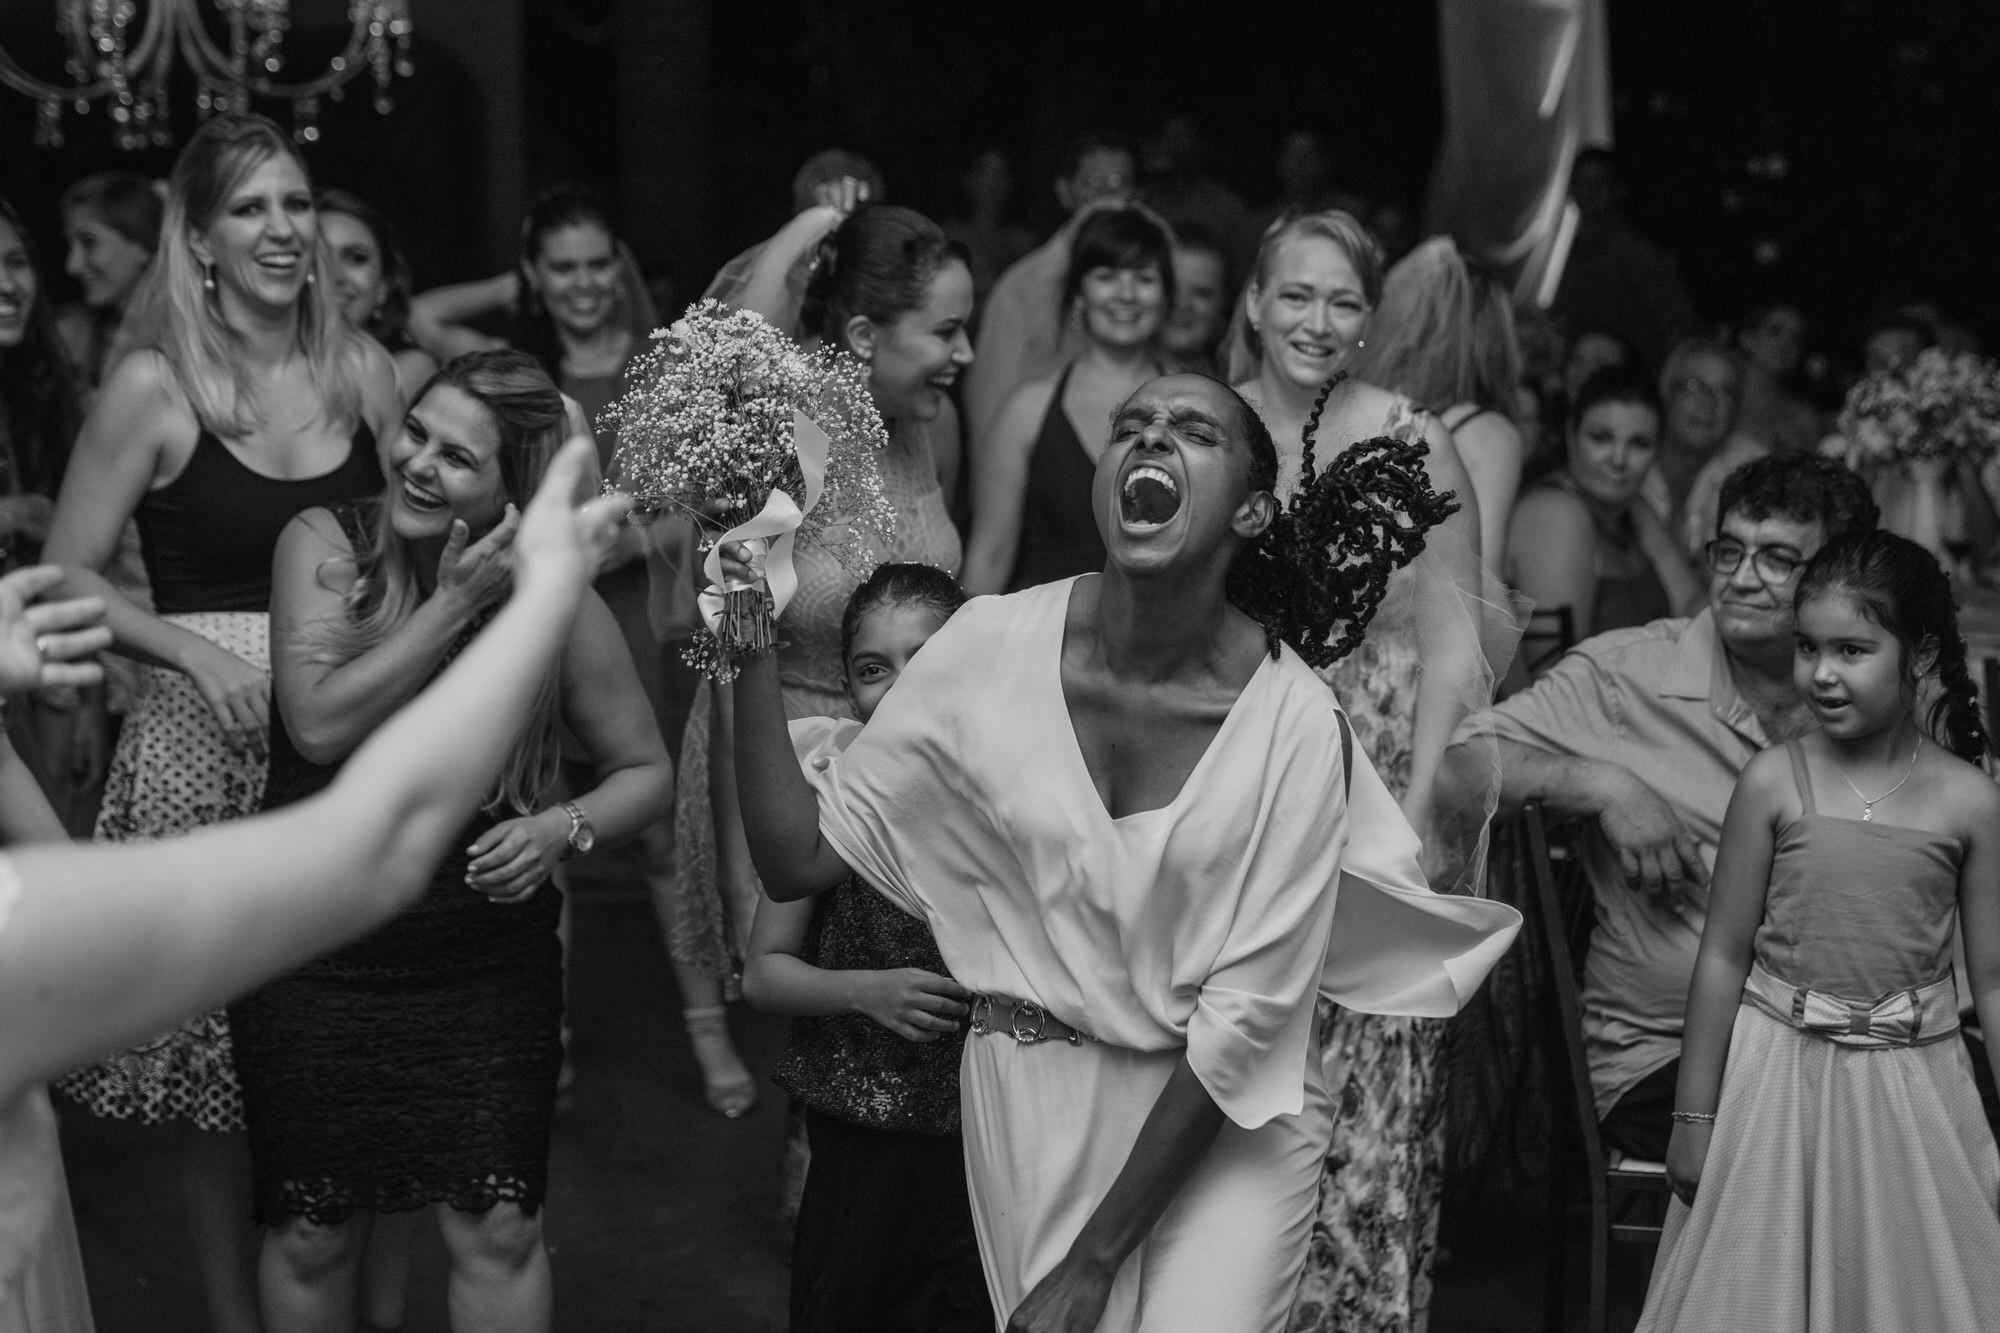 Fabio e Gisele - Casamento em Mundo Novo - MS por Lorran Souza e Léia Sotile - fotografo de casamentos - 00034